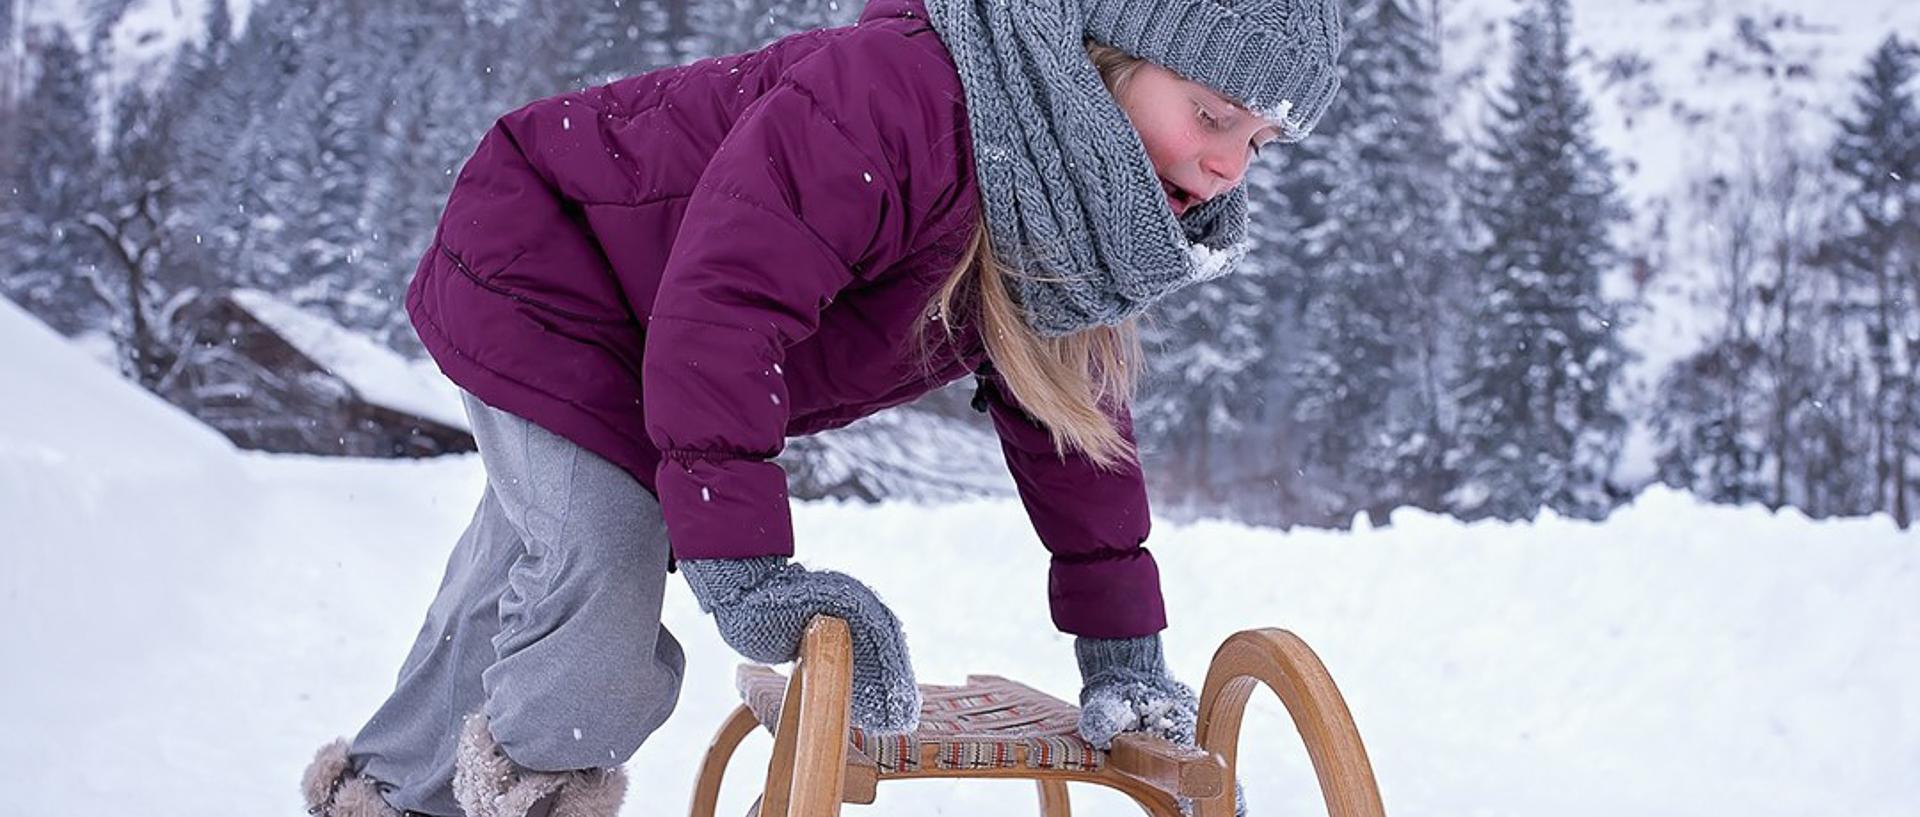 Planes-en-invierno-nieve (1)